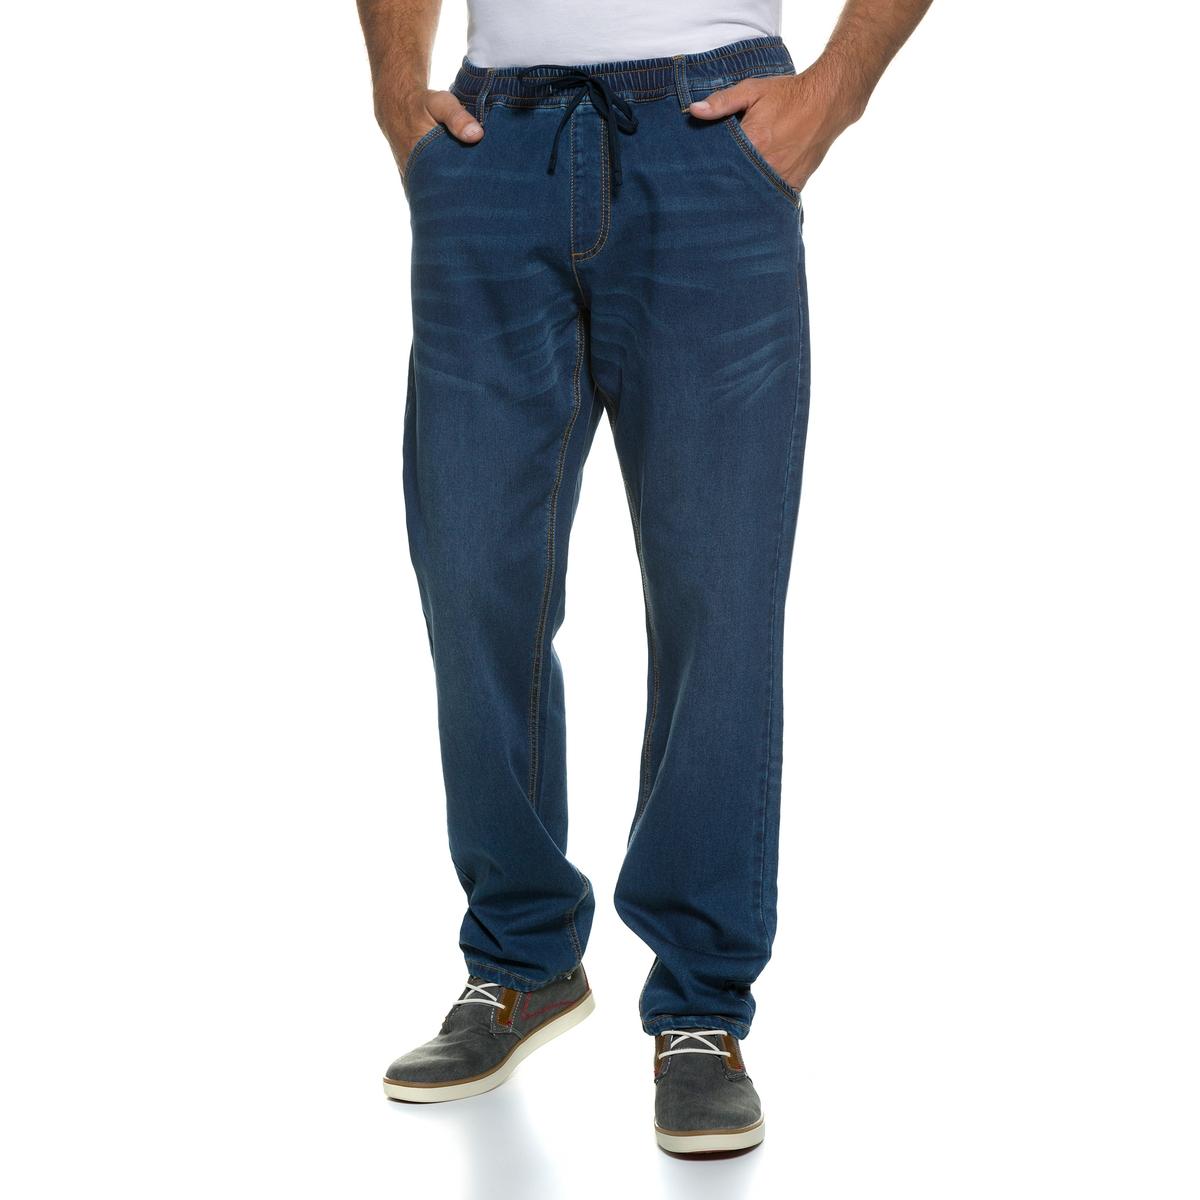 Брюки4 кармана, эластичный пояс и завязки.<br><br>Цвет: синий джинсовый<br>Размер: XL